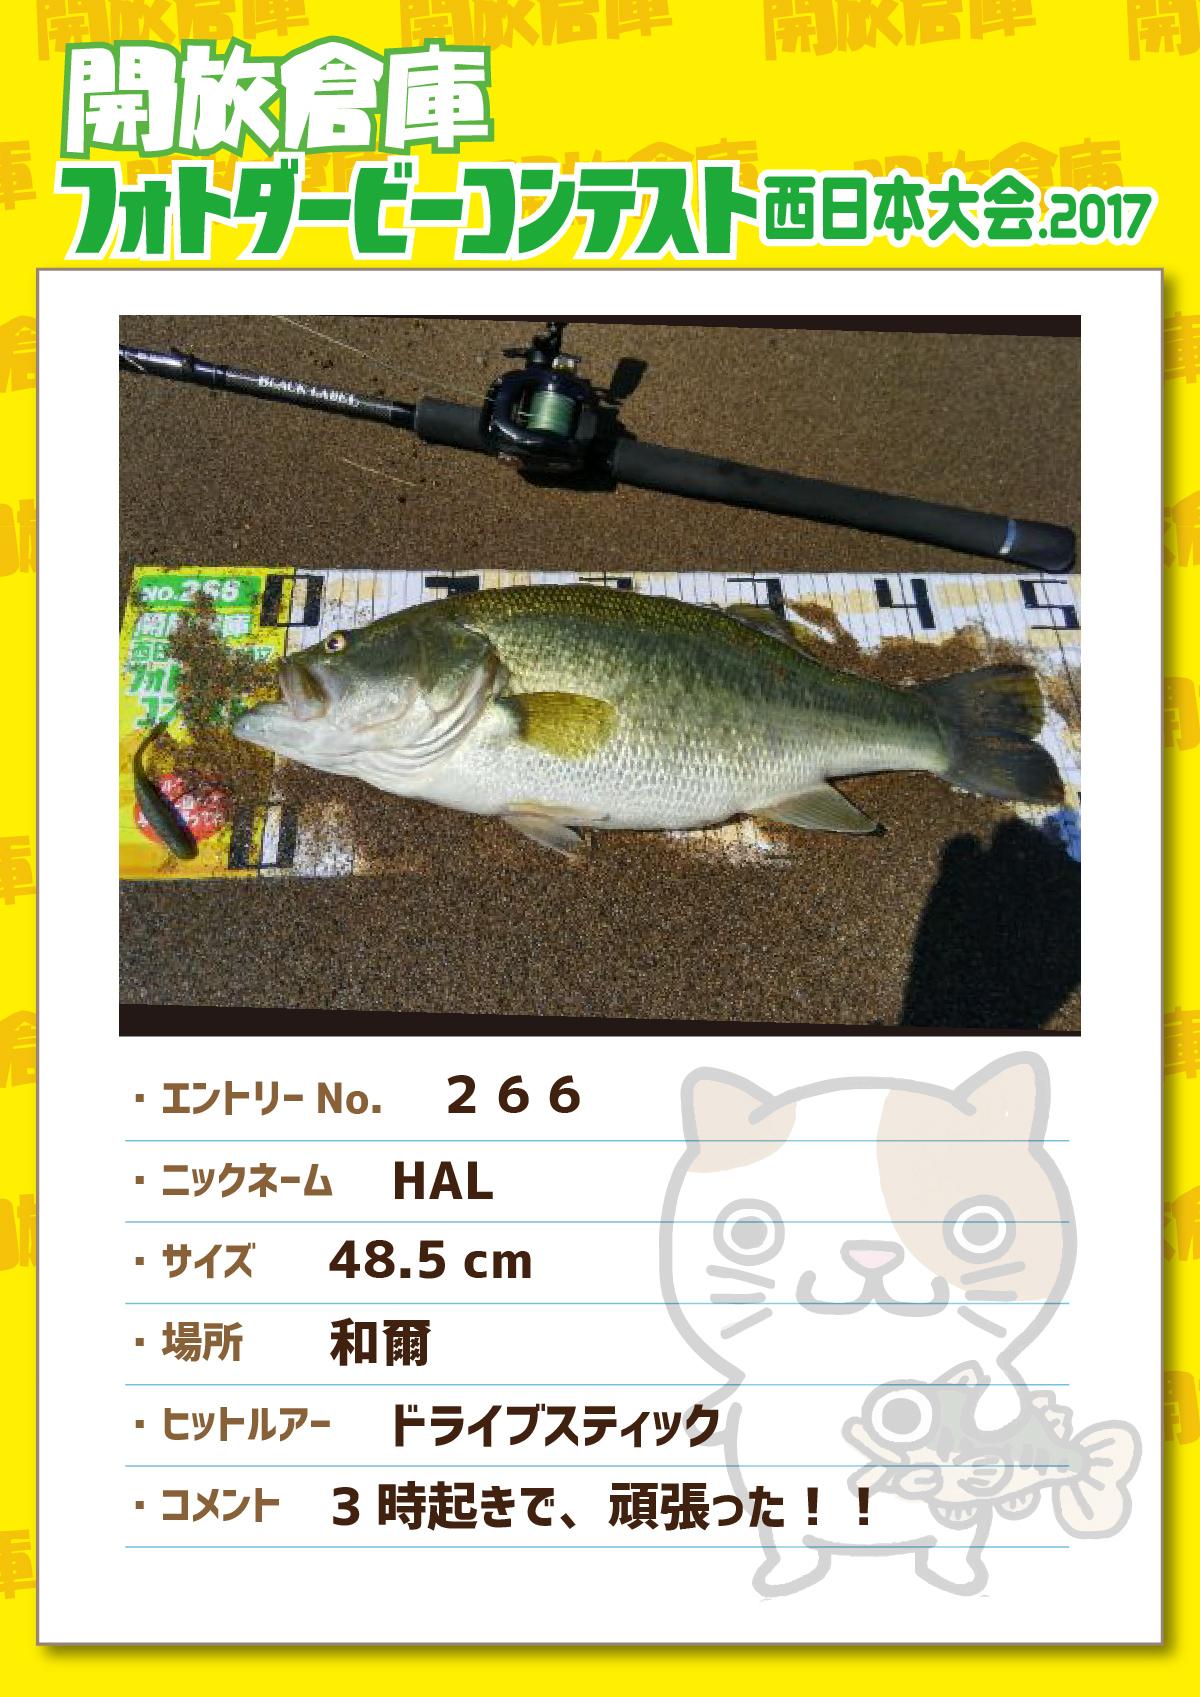 No.266 HAL 48.5cm 和爾 ドライブスティック 3時起きで、頑張った!!